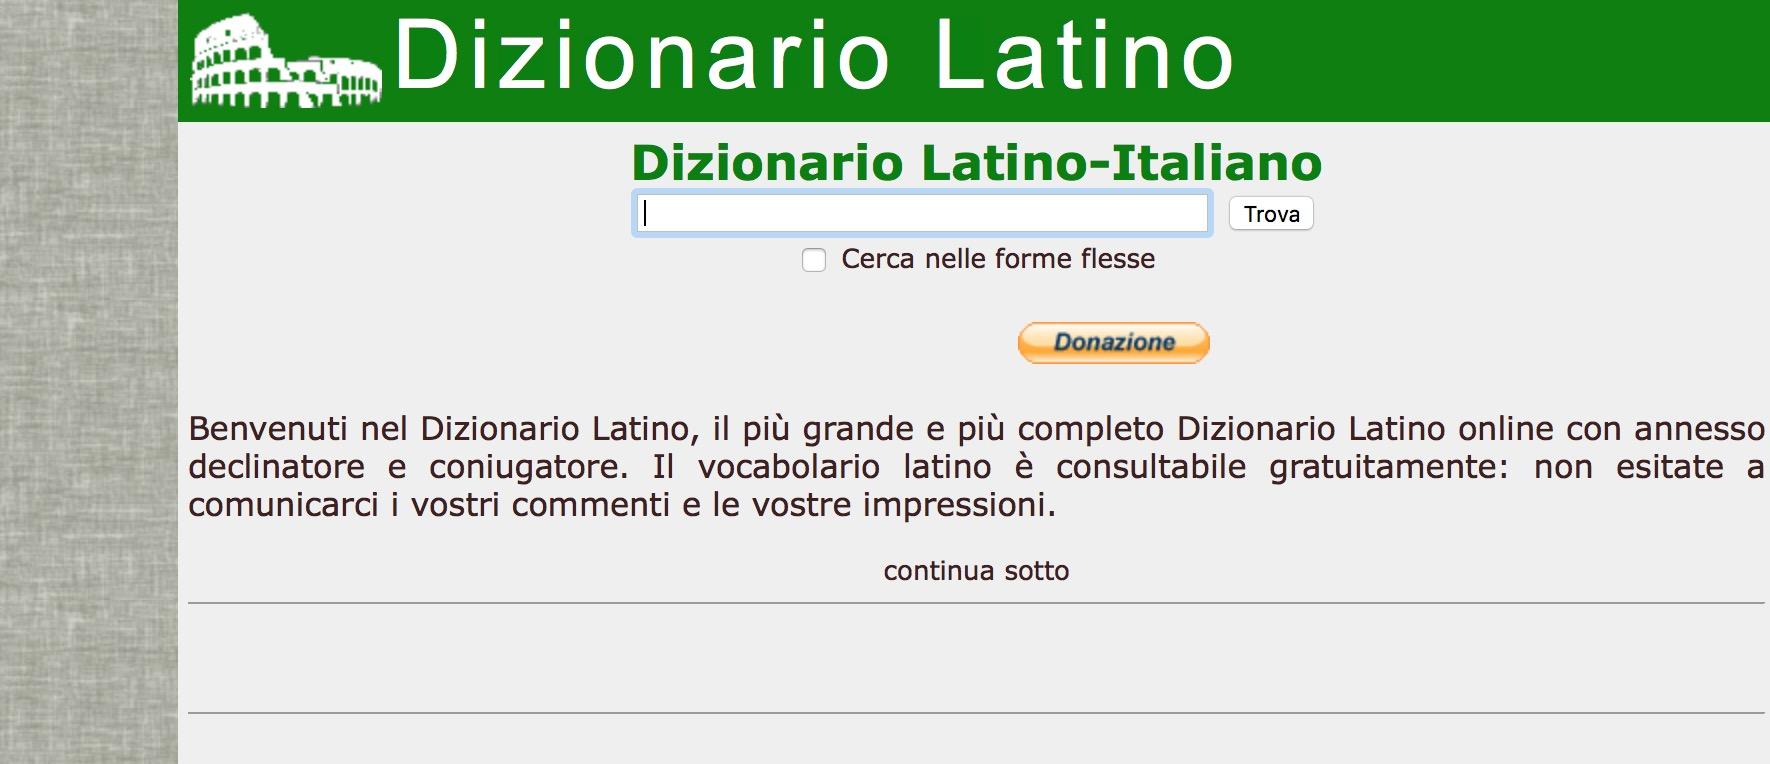 Dizionario Latino Olivetti